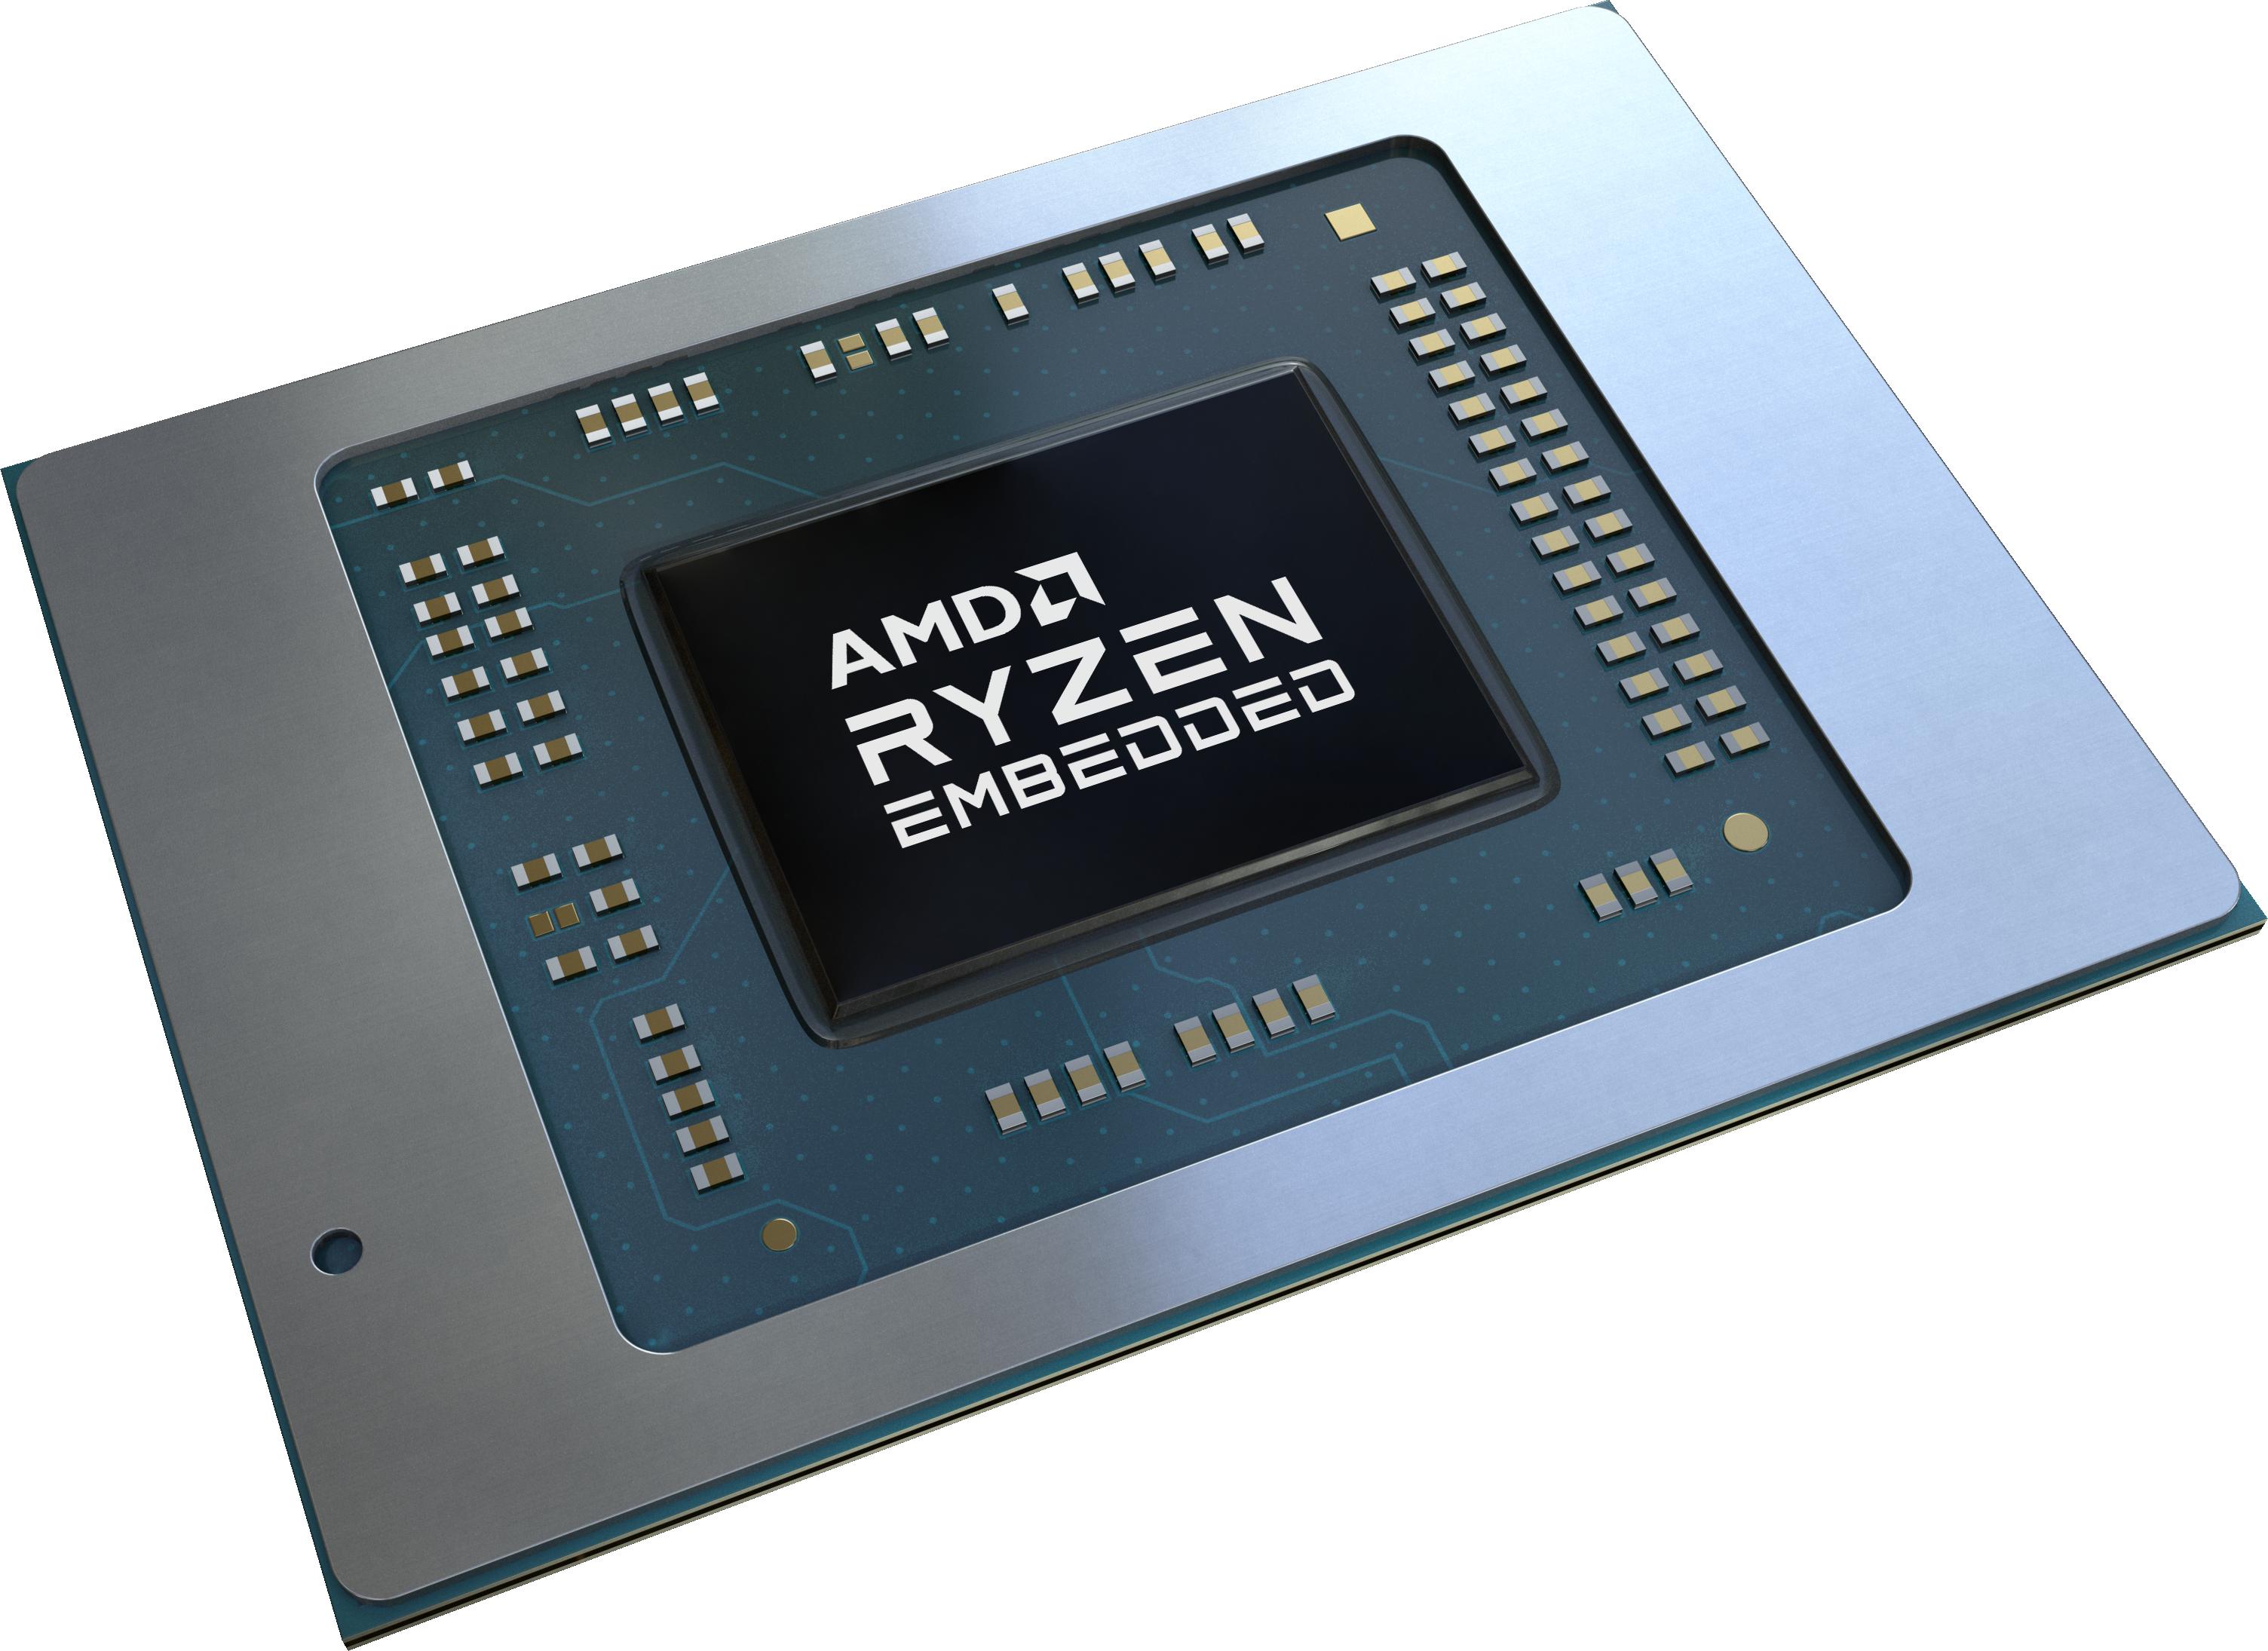 AMD представила встраиваемые процессоры AMD Ryzen серии V2000